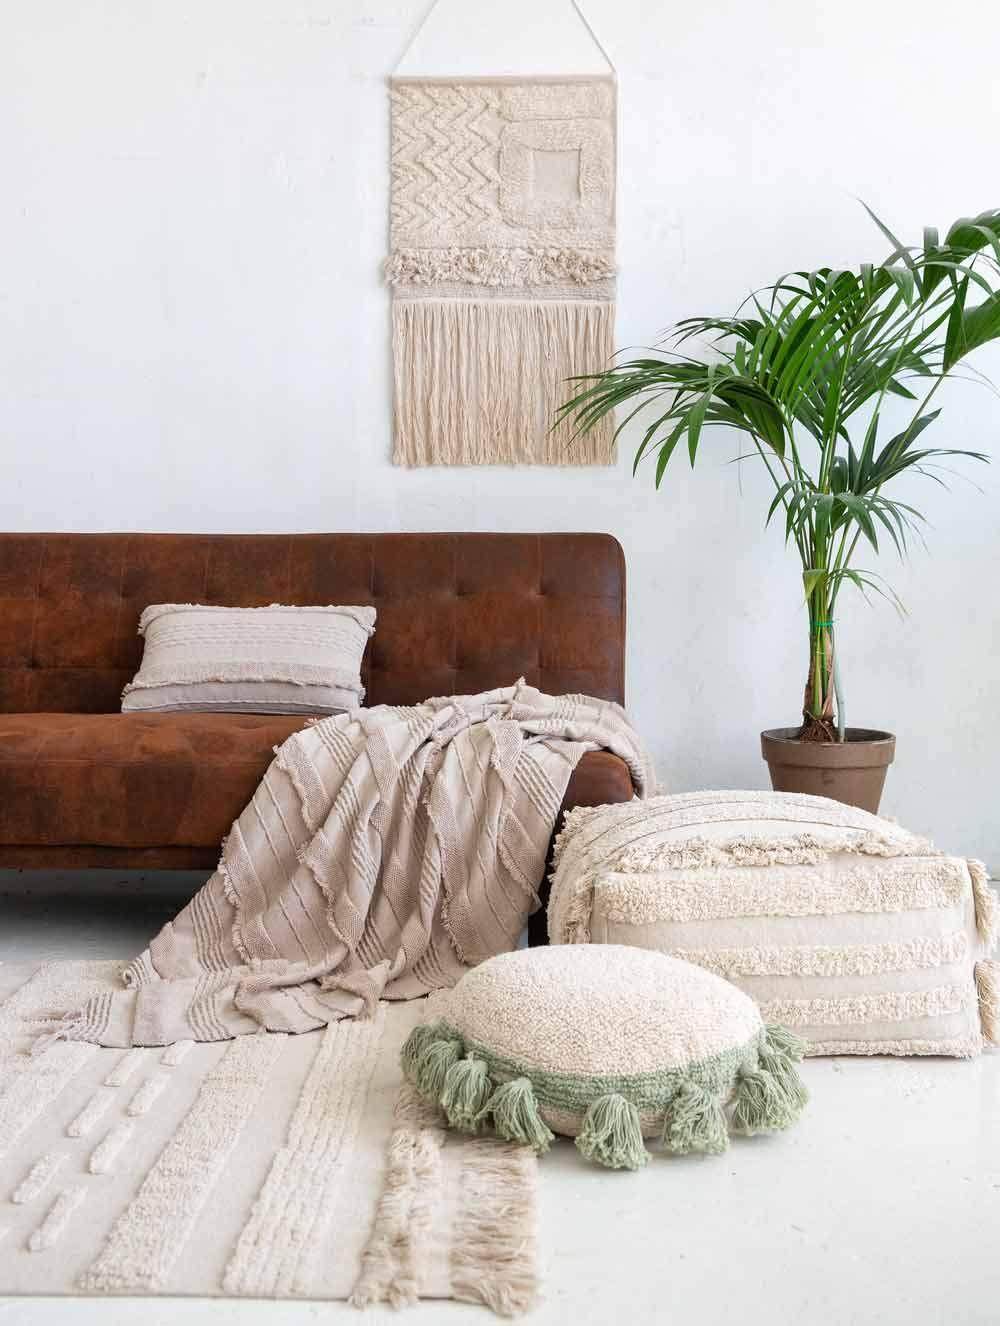 Lorena Canals Tapis Lavable Air Dune White Coton Recycl/é Beige 140x200 cm